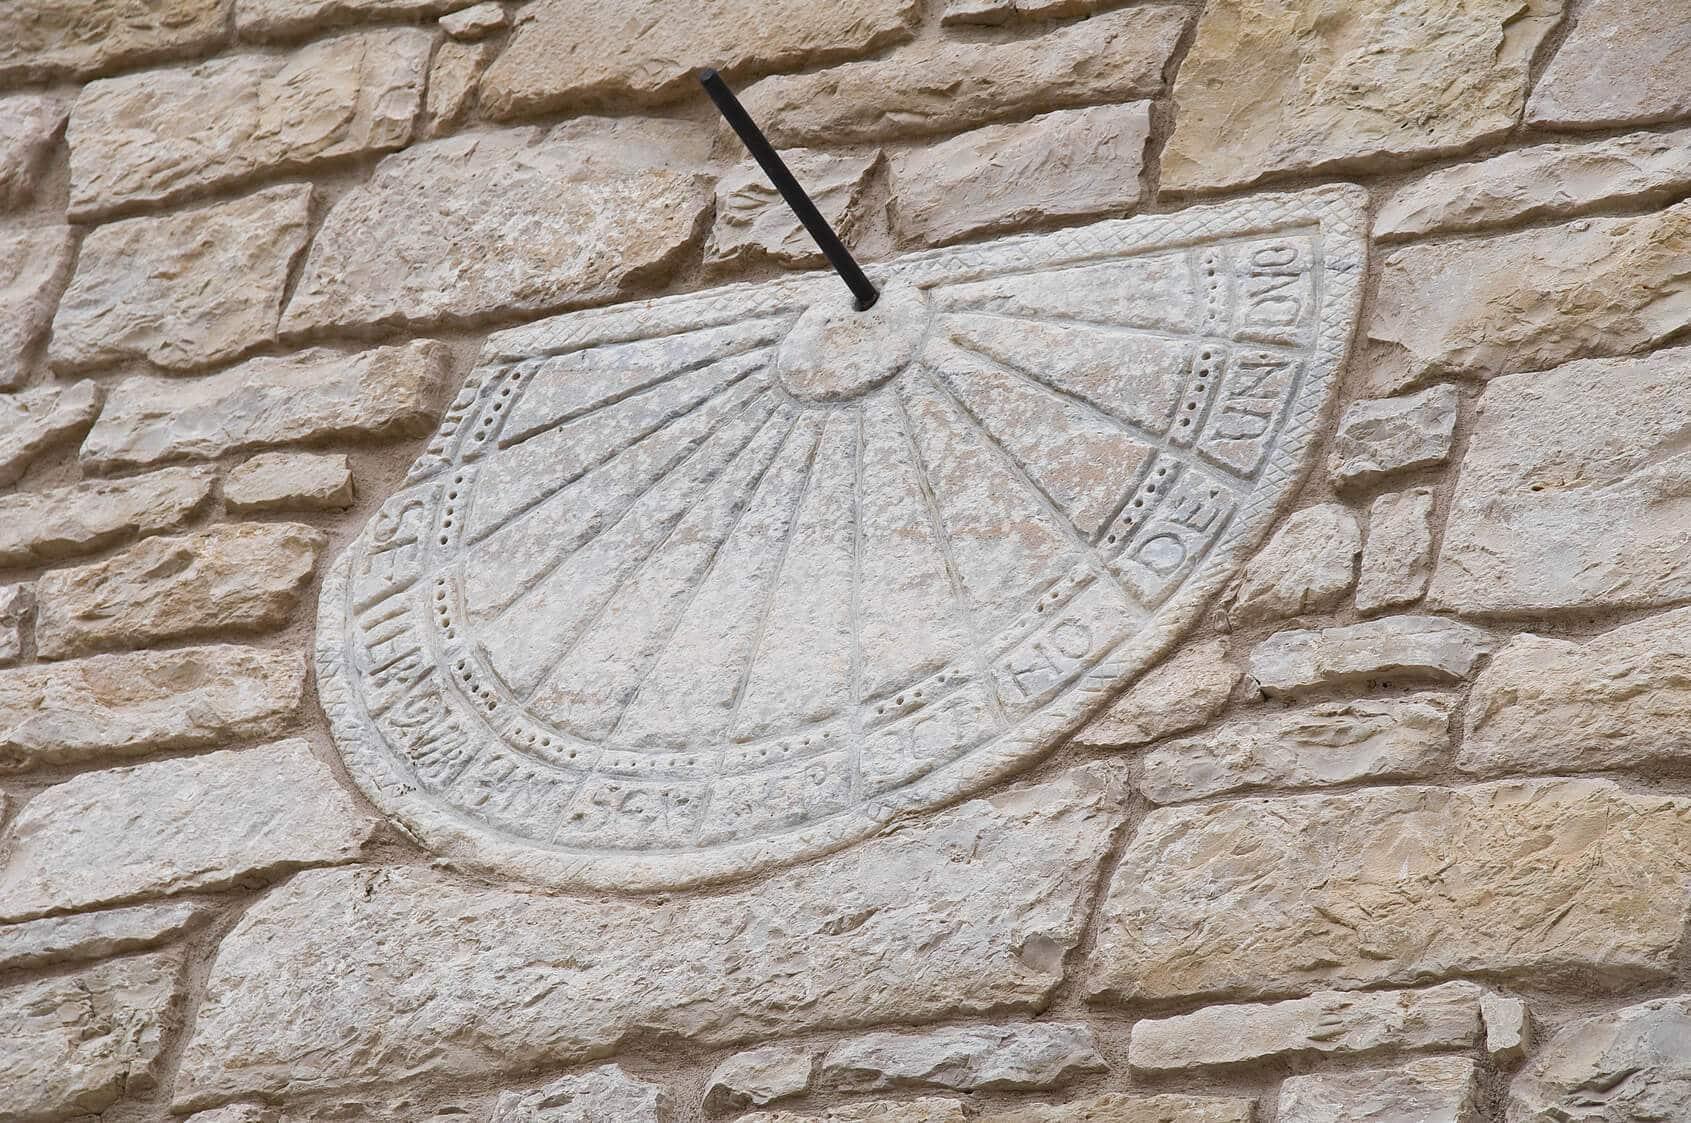 Geschichte-Sonnenuhr-Mittelalter-Neuzeit